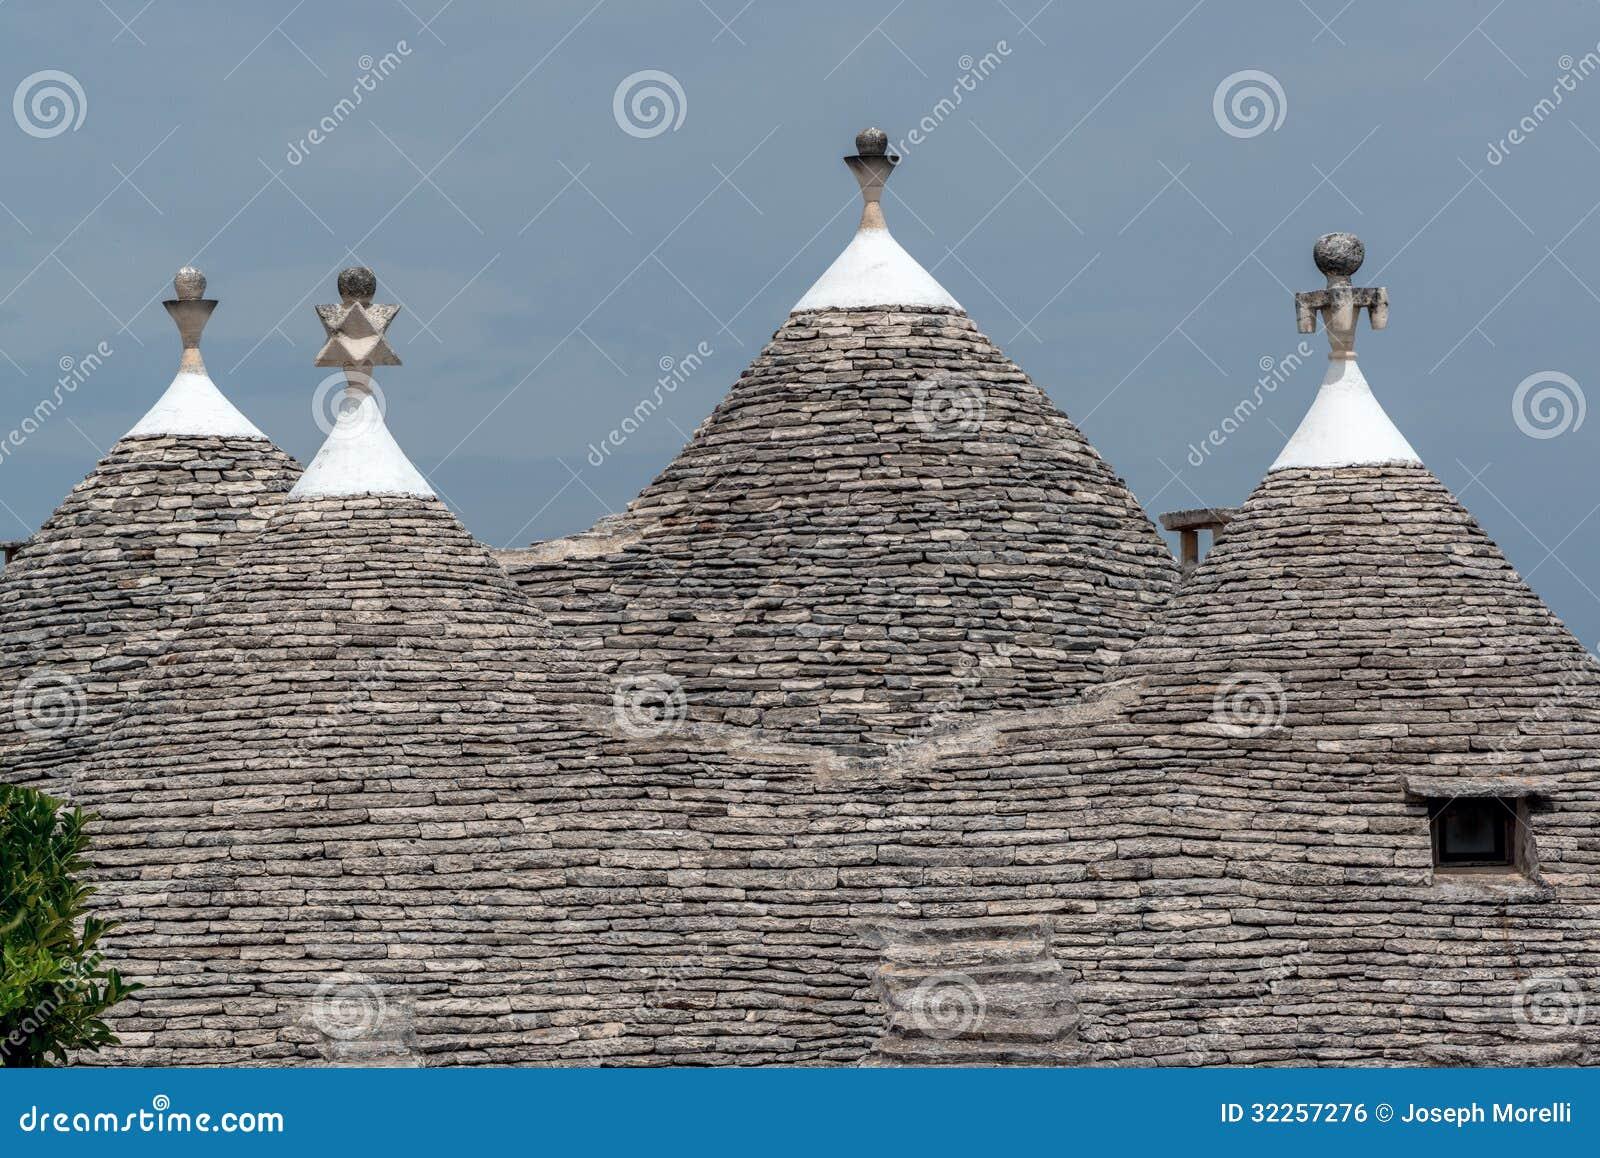 Tetti della casa di trulli fotografia stock immagine di for Programma di disegno della casa libera